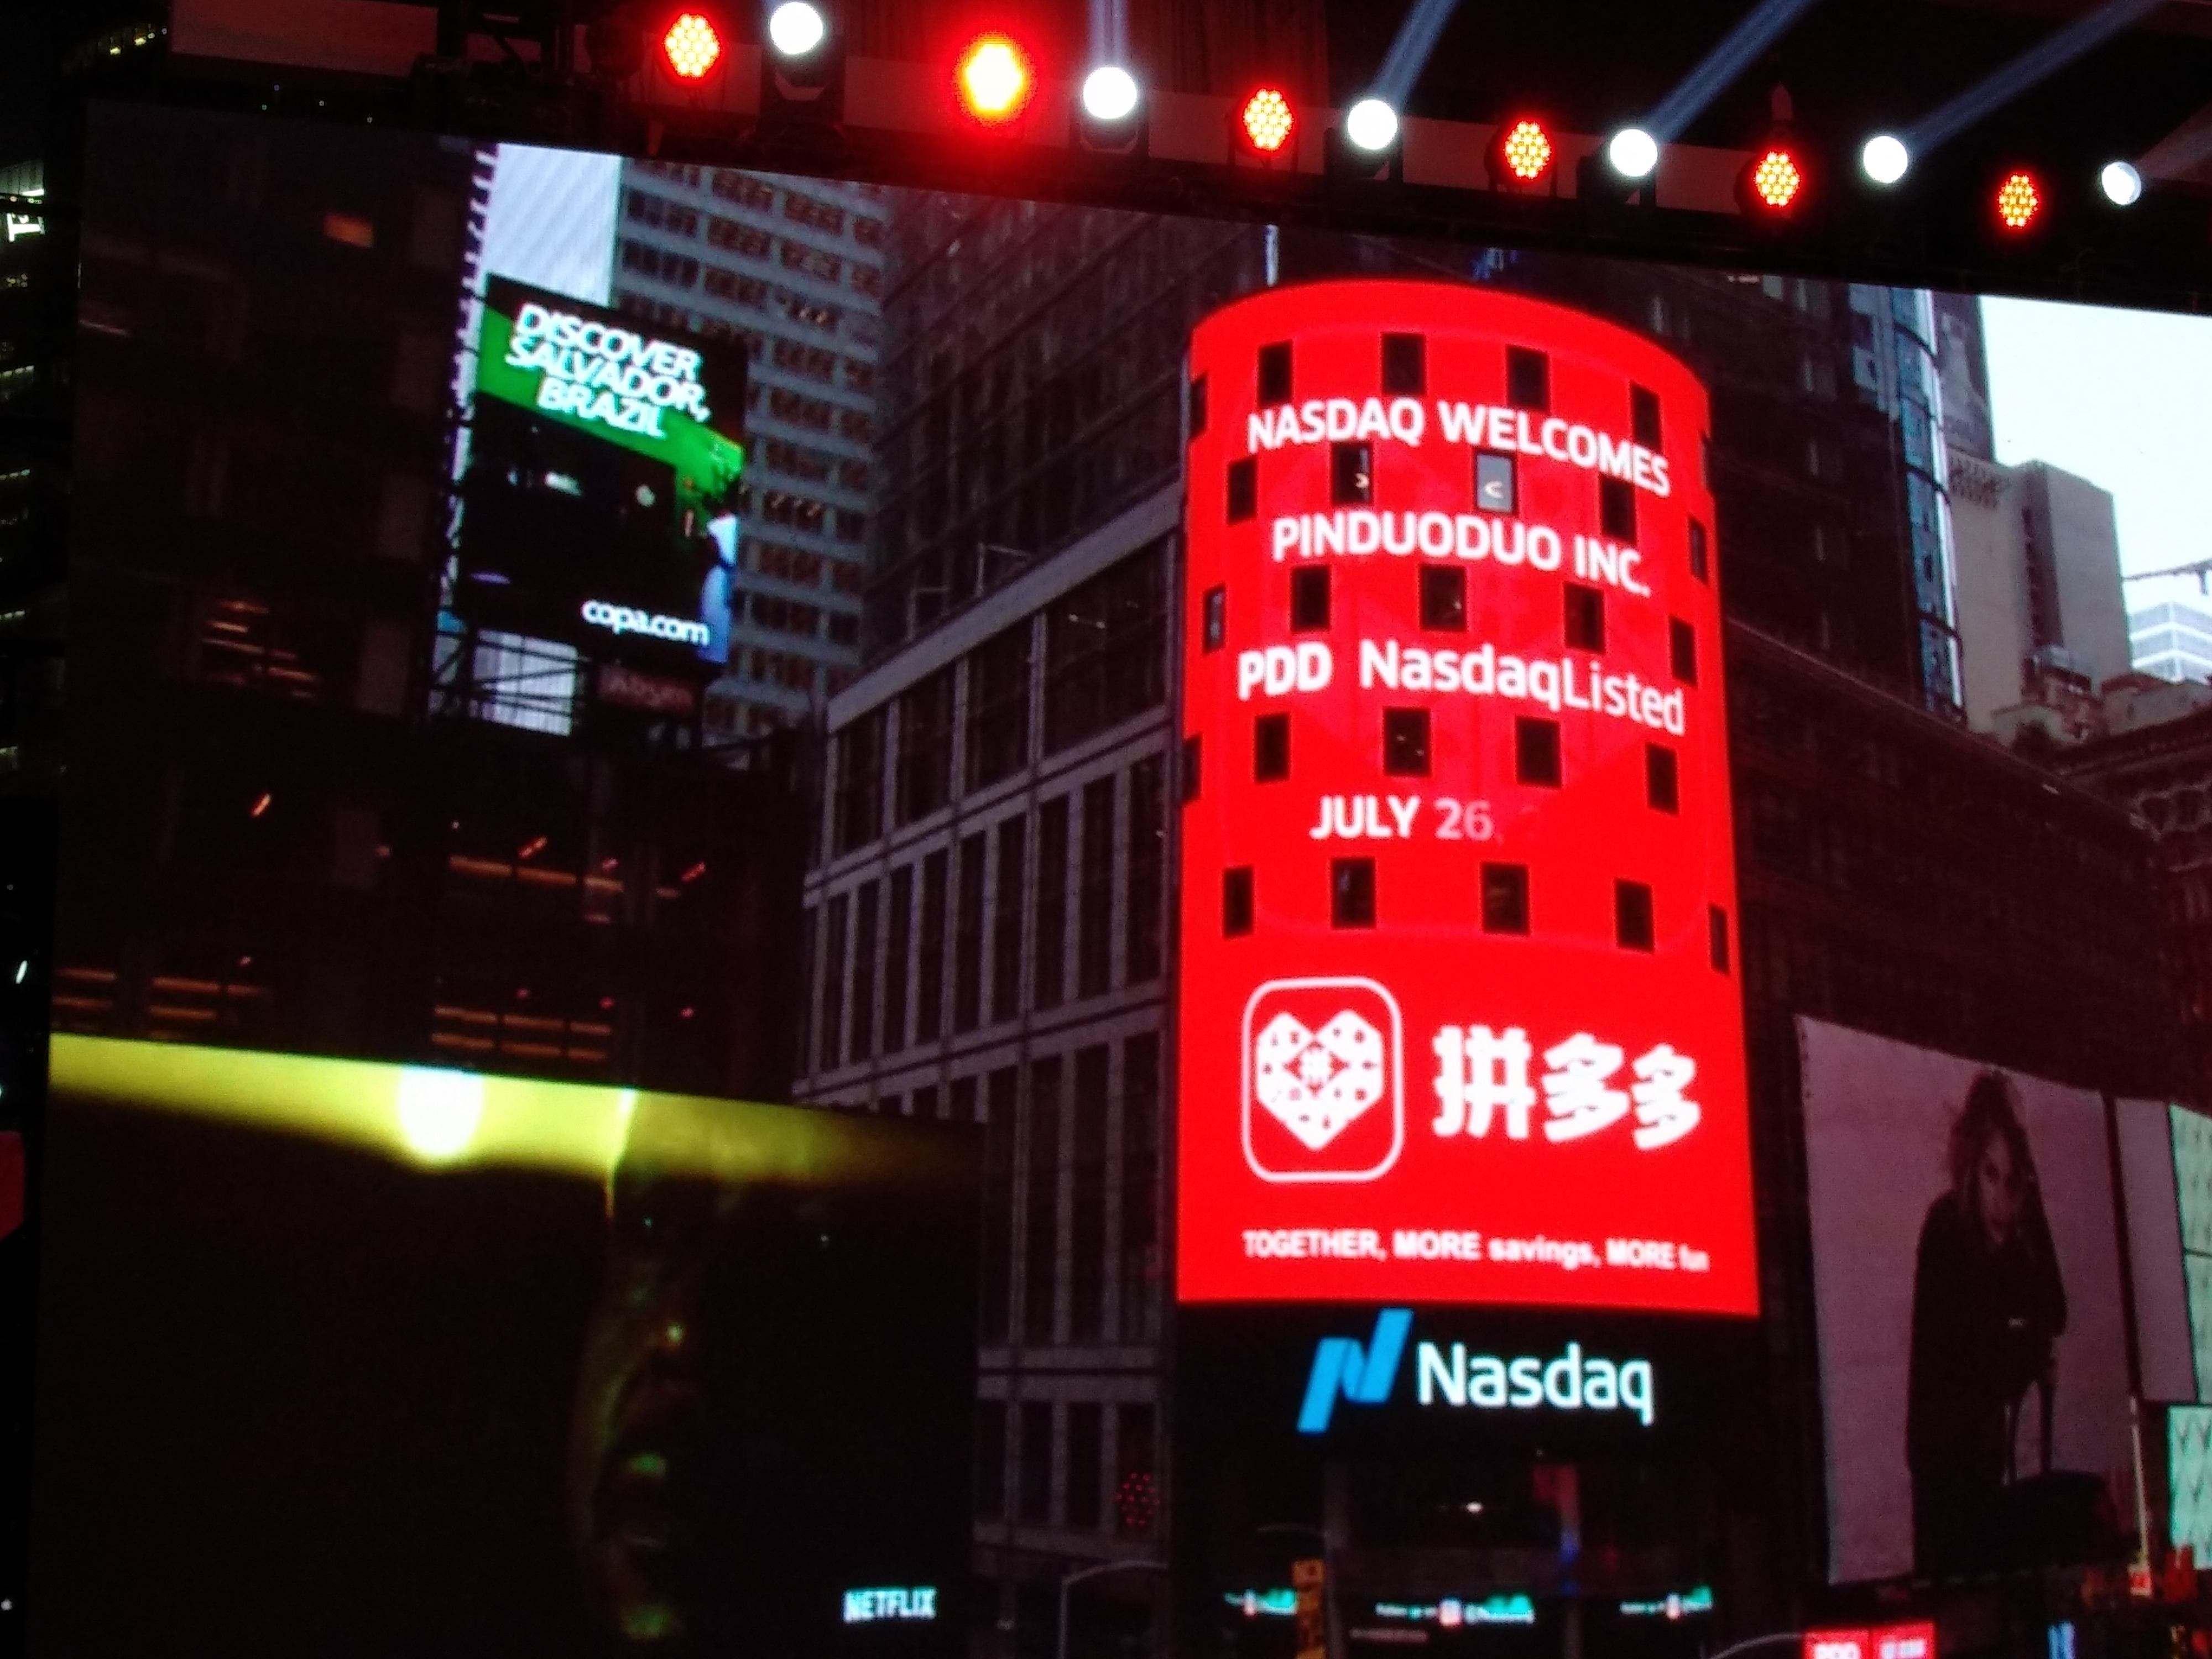 拼多多成上海最大互联网公司,一大法宝曝光,近5亿人都觉得真香